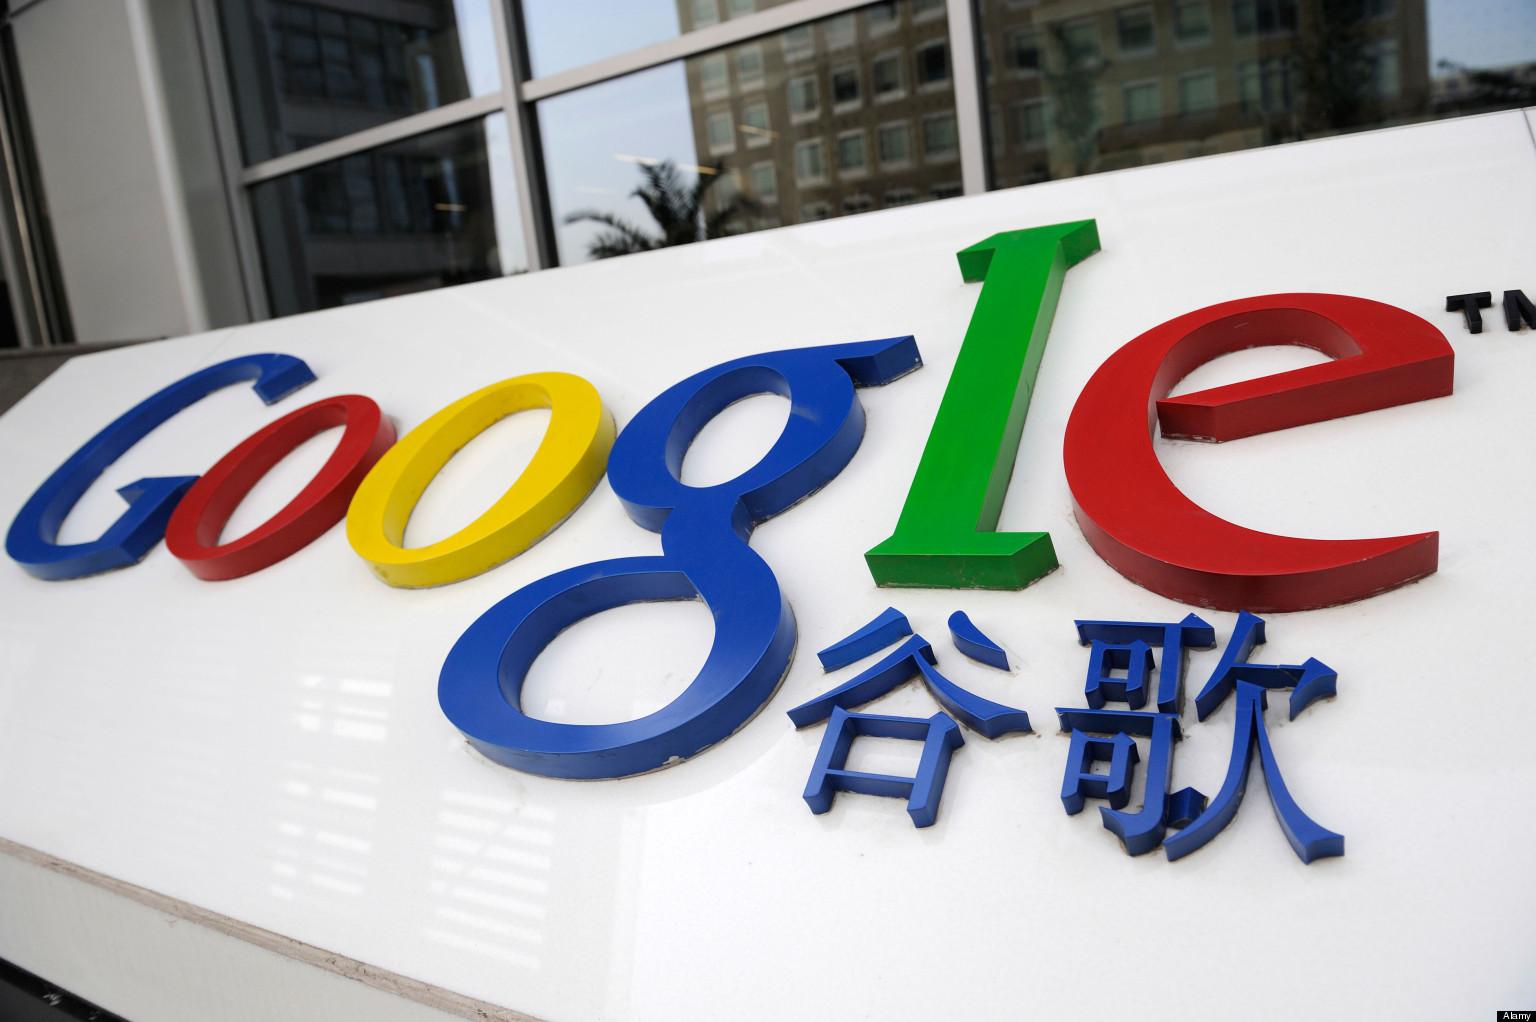 <i>Google</i> уже как-то занимался цензурой вКитае, но завязал. Похоже, сейчас корпорация снова «переобувается налету».